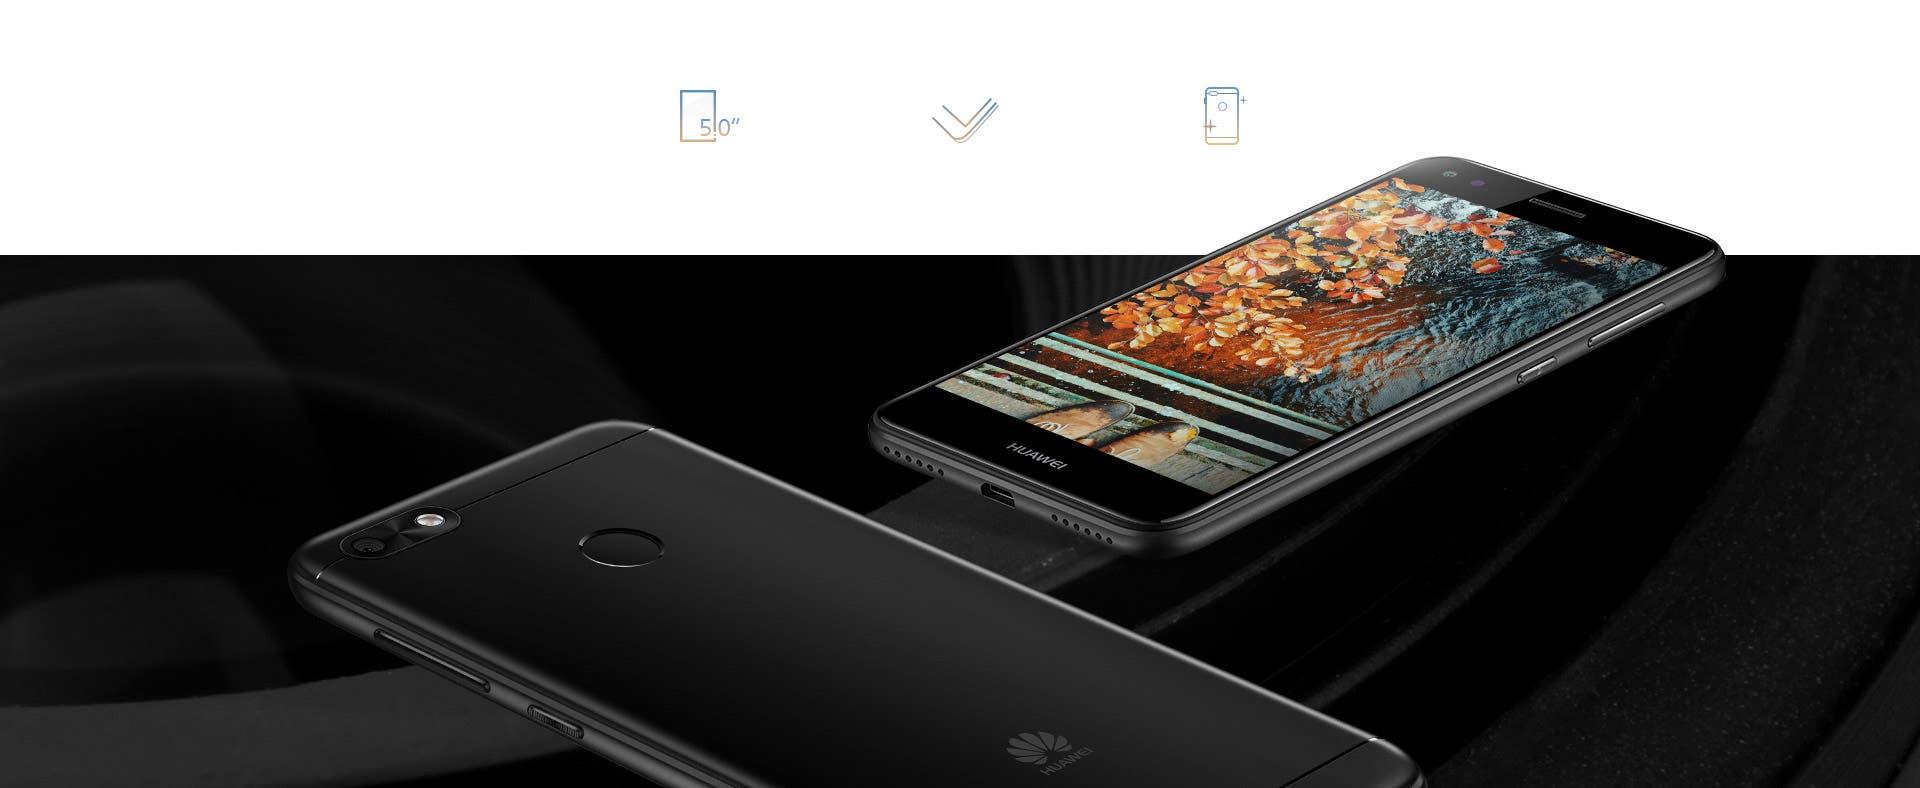 Huawei Y6 Pro (2017)